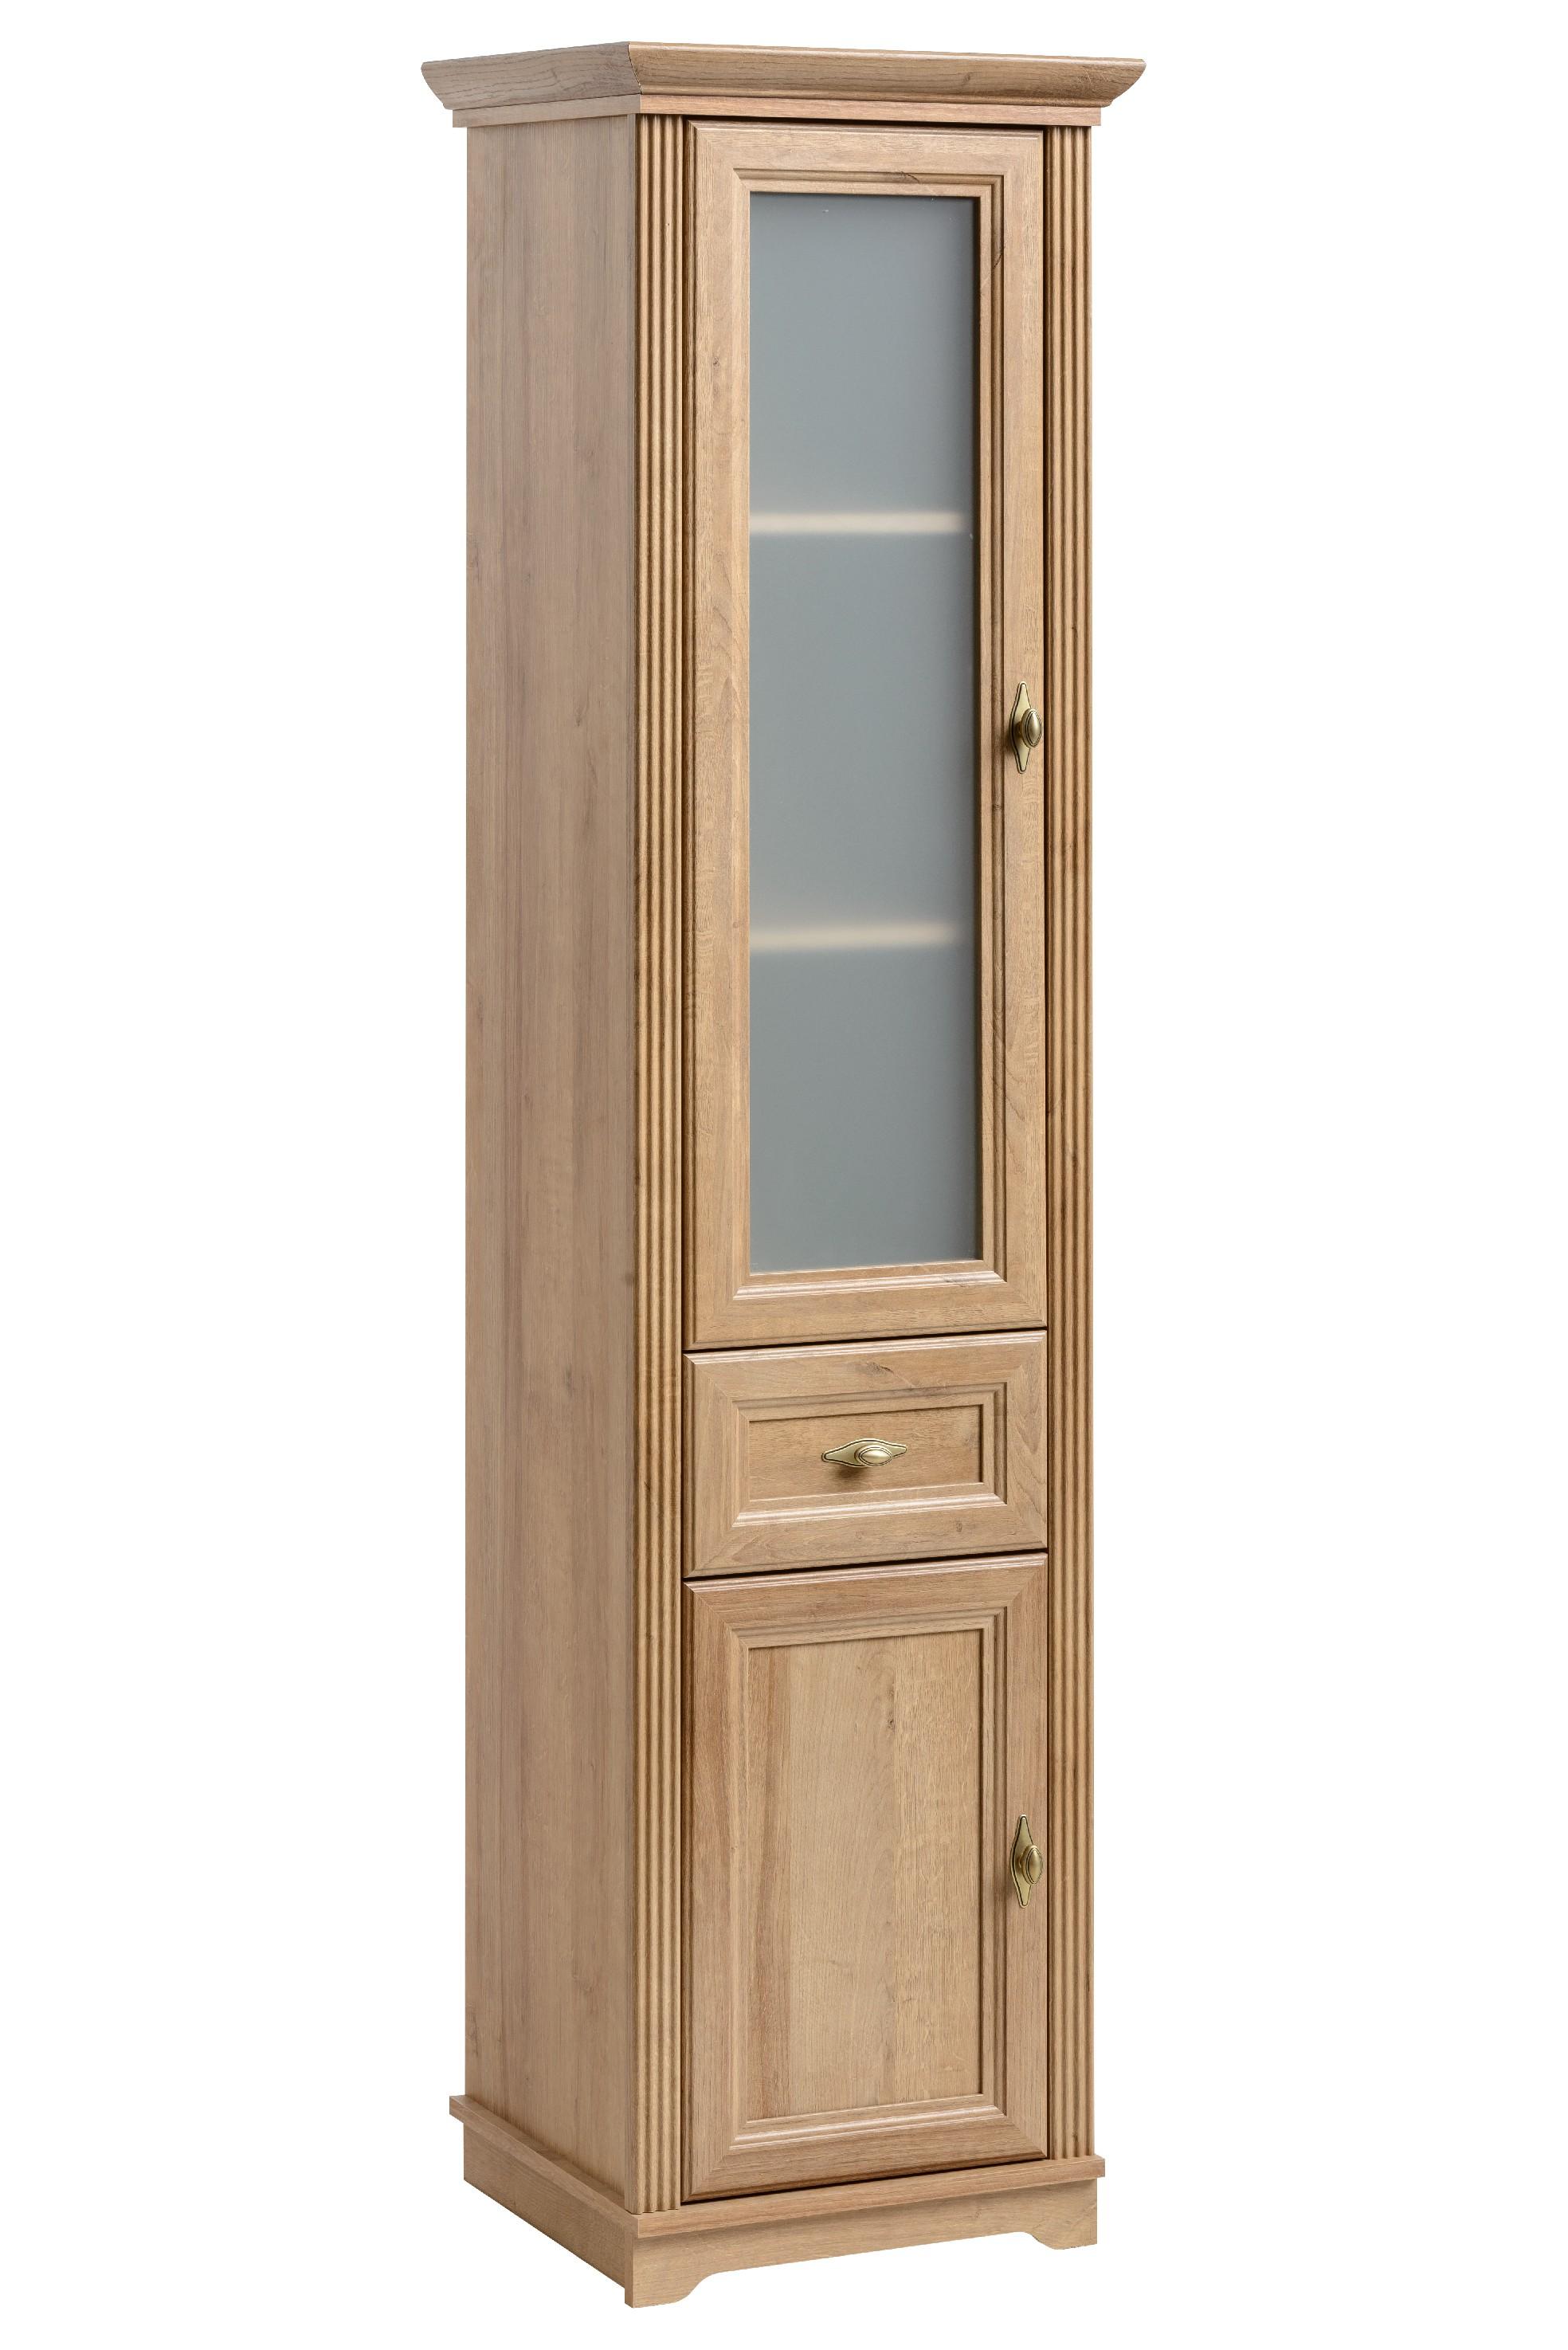 ArtCom Kúpeľňová zostava PALACE RIVIERA Palace: Vysoká skrinka (2D1S) - 800 - 190 x 48 x 43 cm